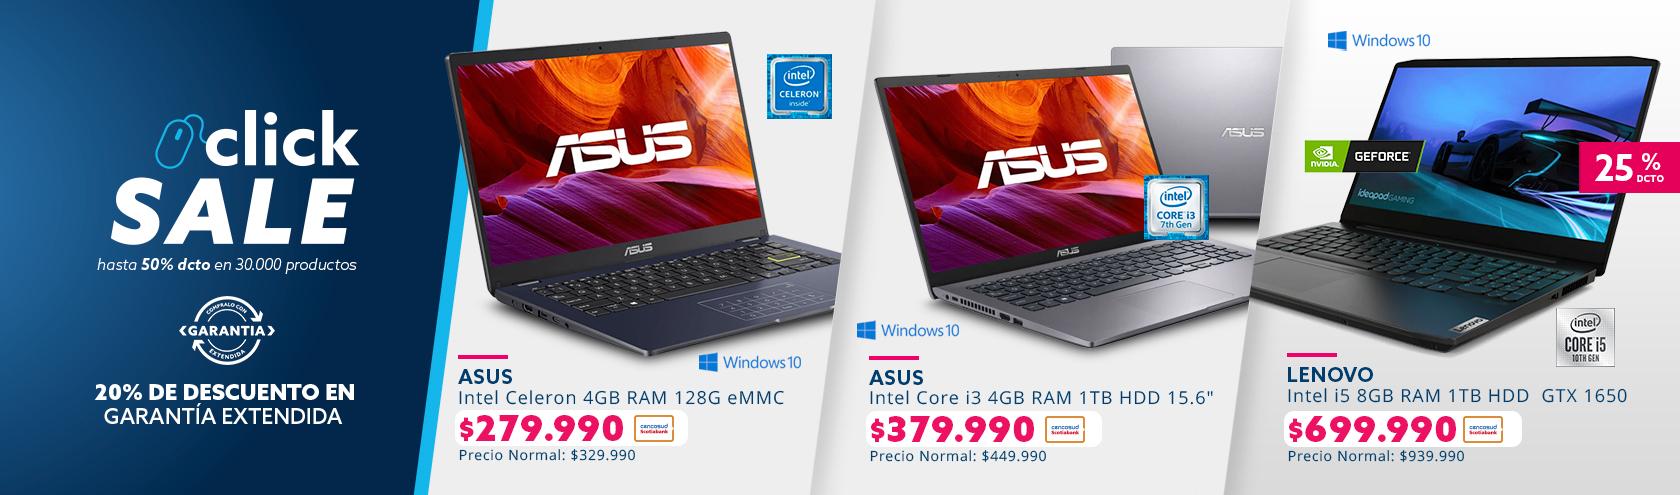 Ofertas en Computadores grandes marcas